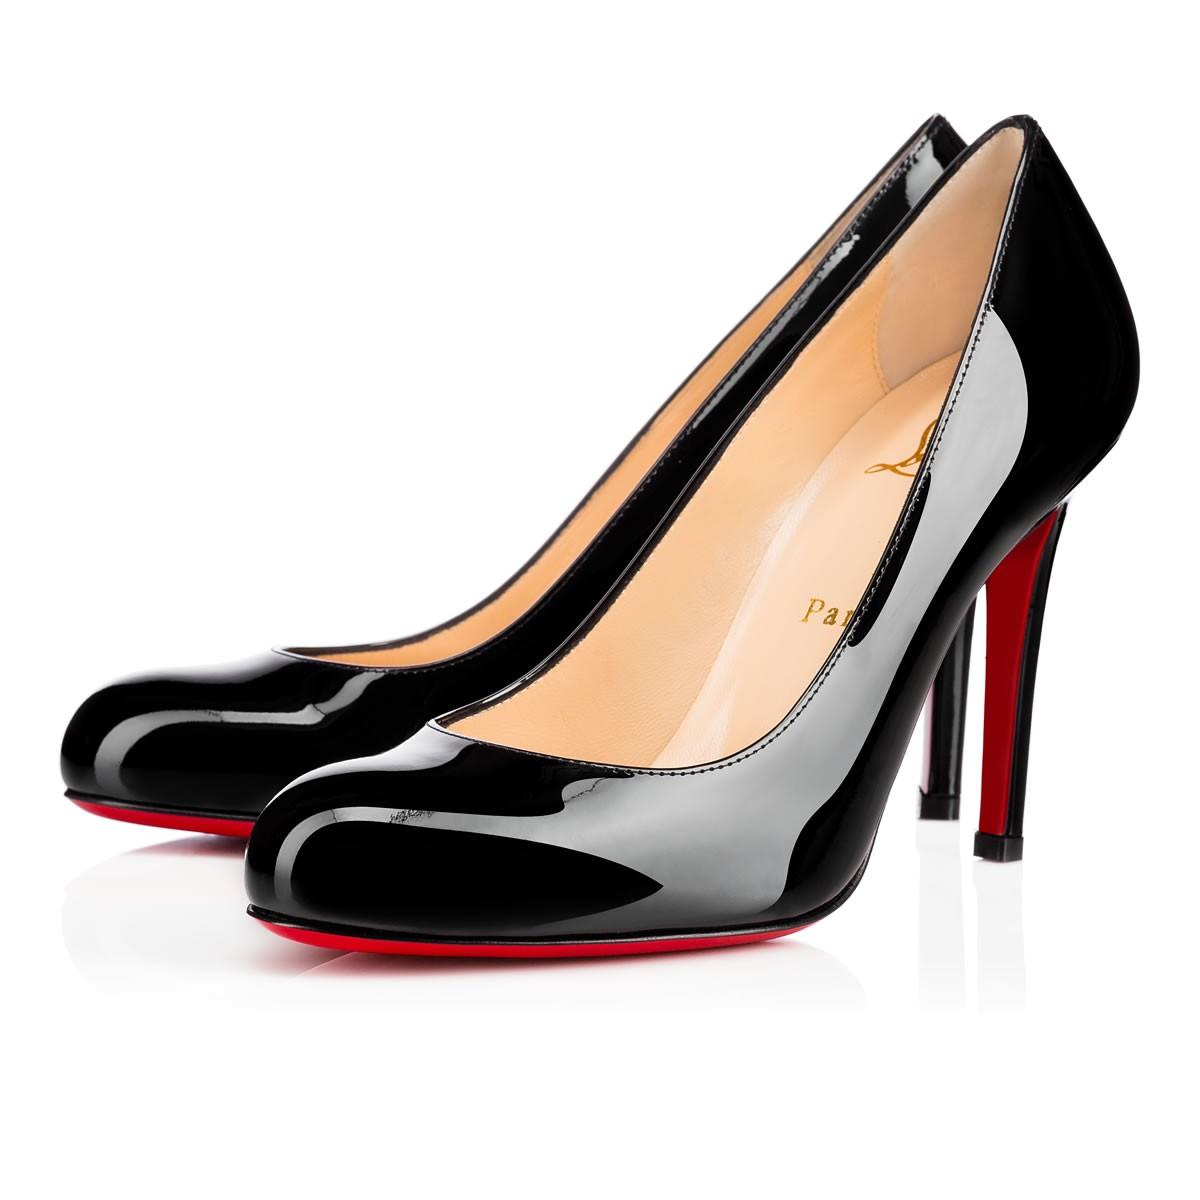 black pumps shoes - simple pump - christian louboutin ... LXRTSAG